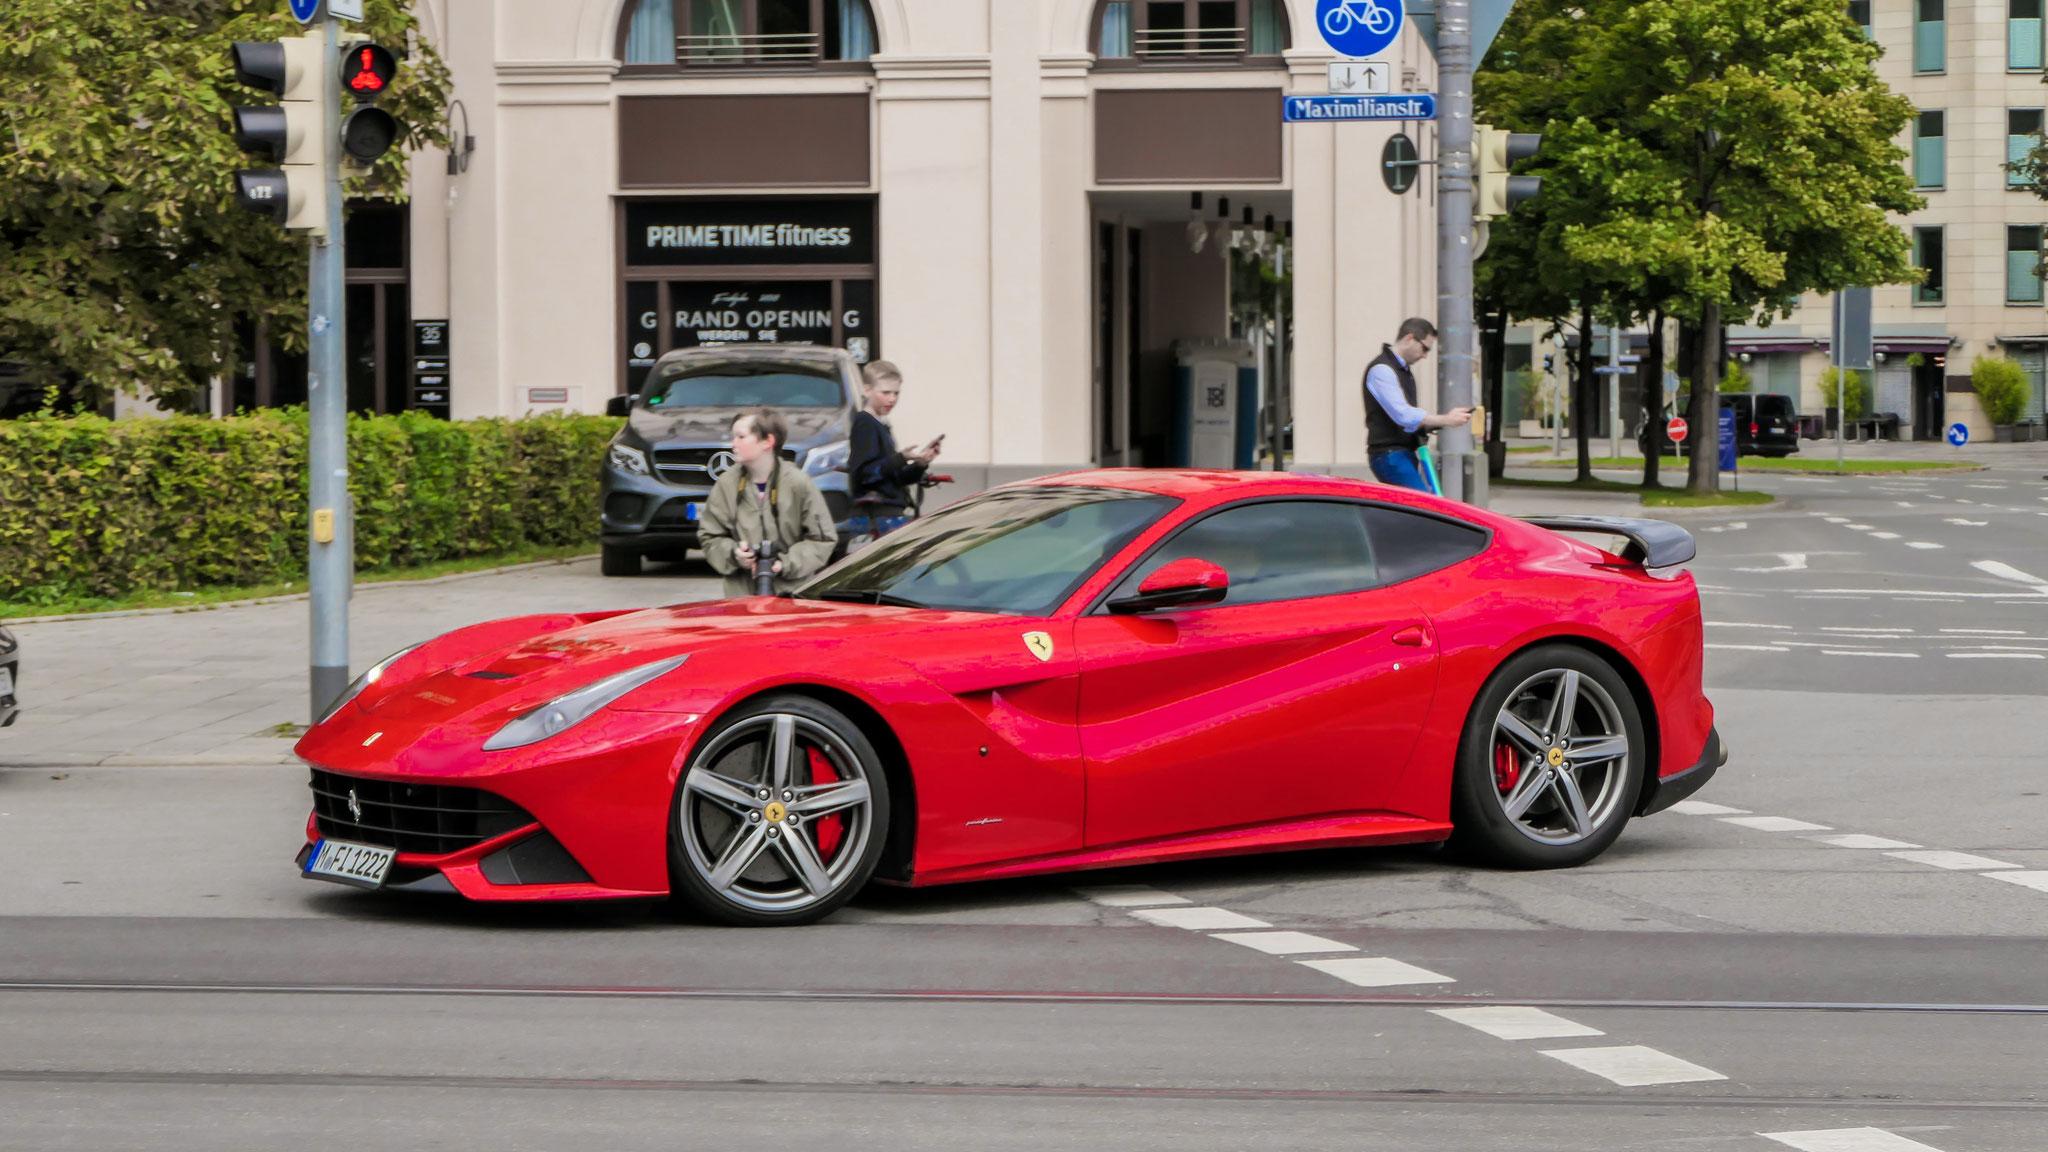 Ferrari F12 Berlinetta - M-FI-1222